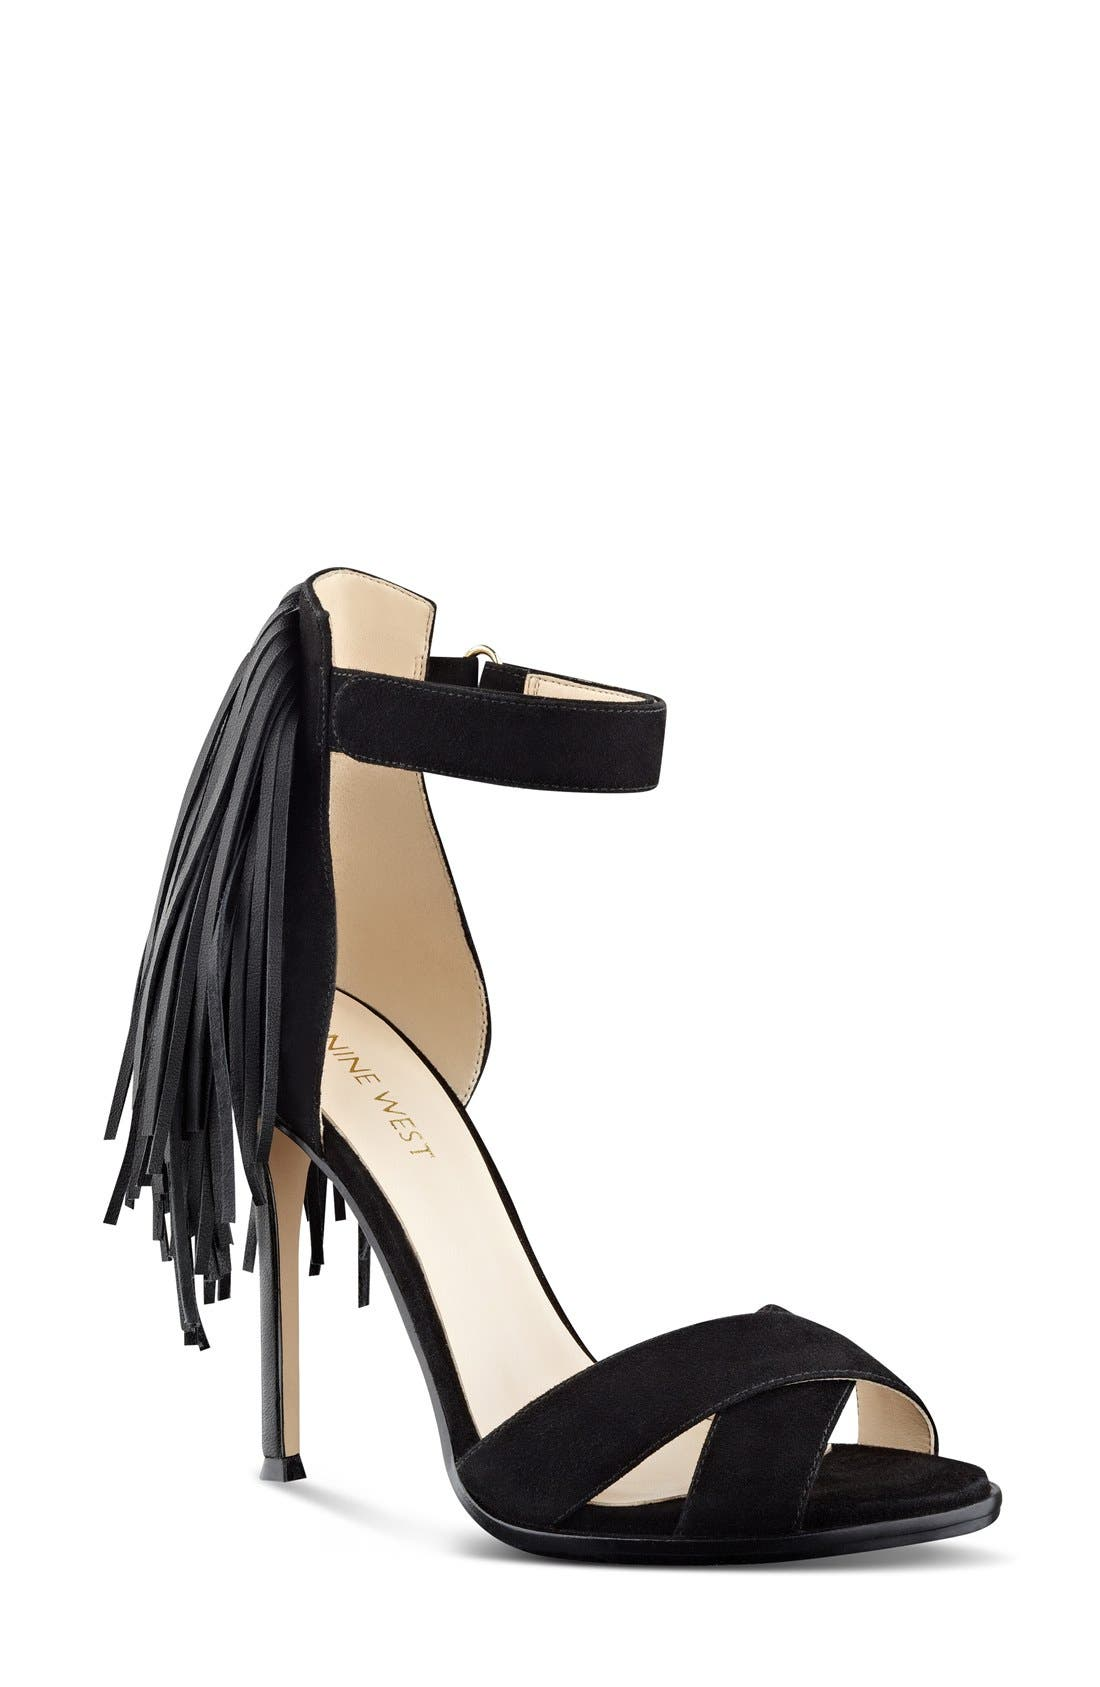 Alternate Image 1 Selected - Nine West 'Hustle' Fringe Ankle Strap Sandal (Women)